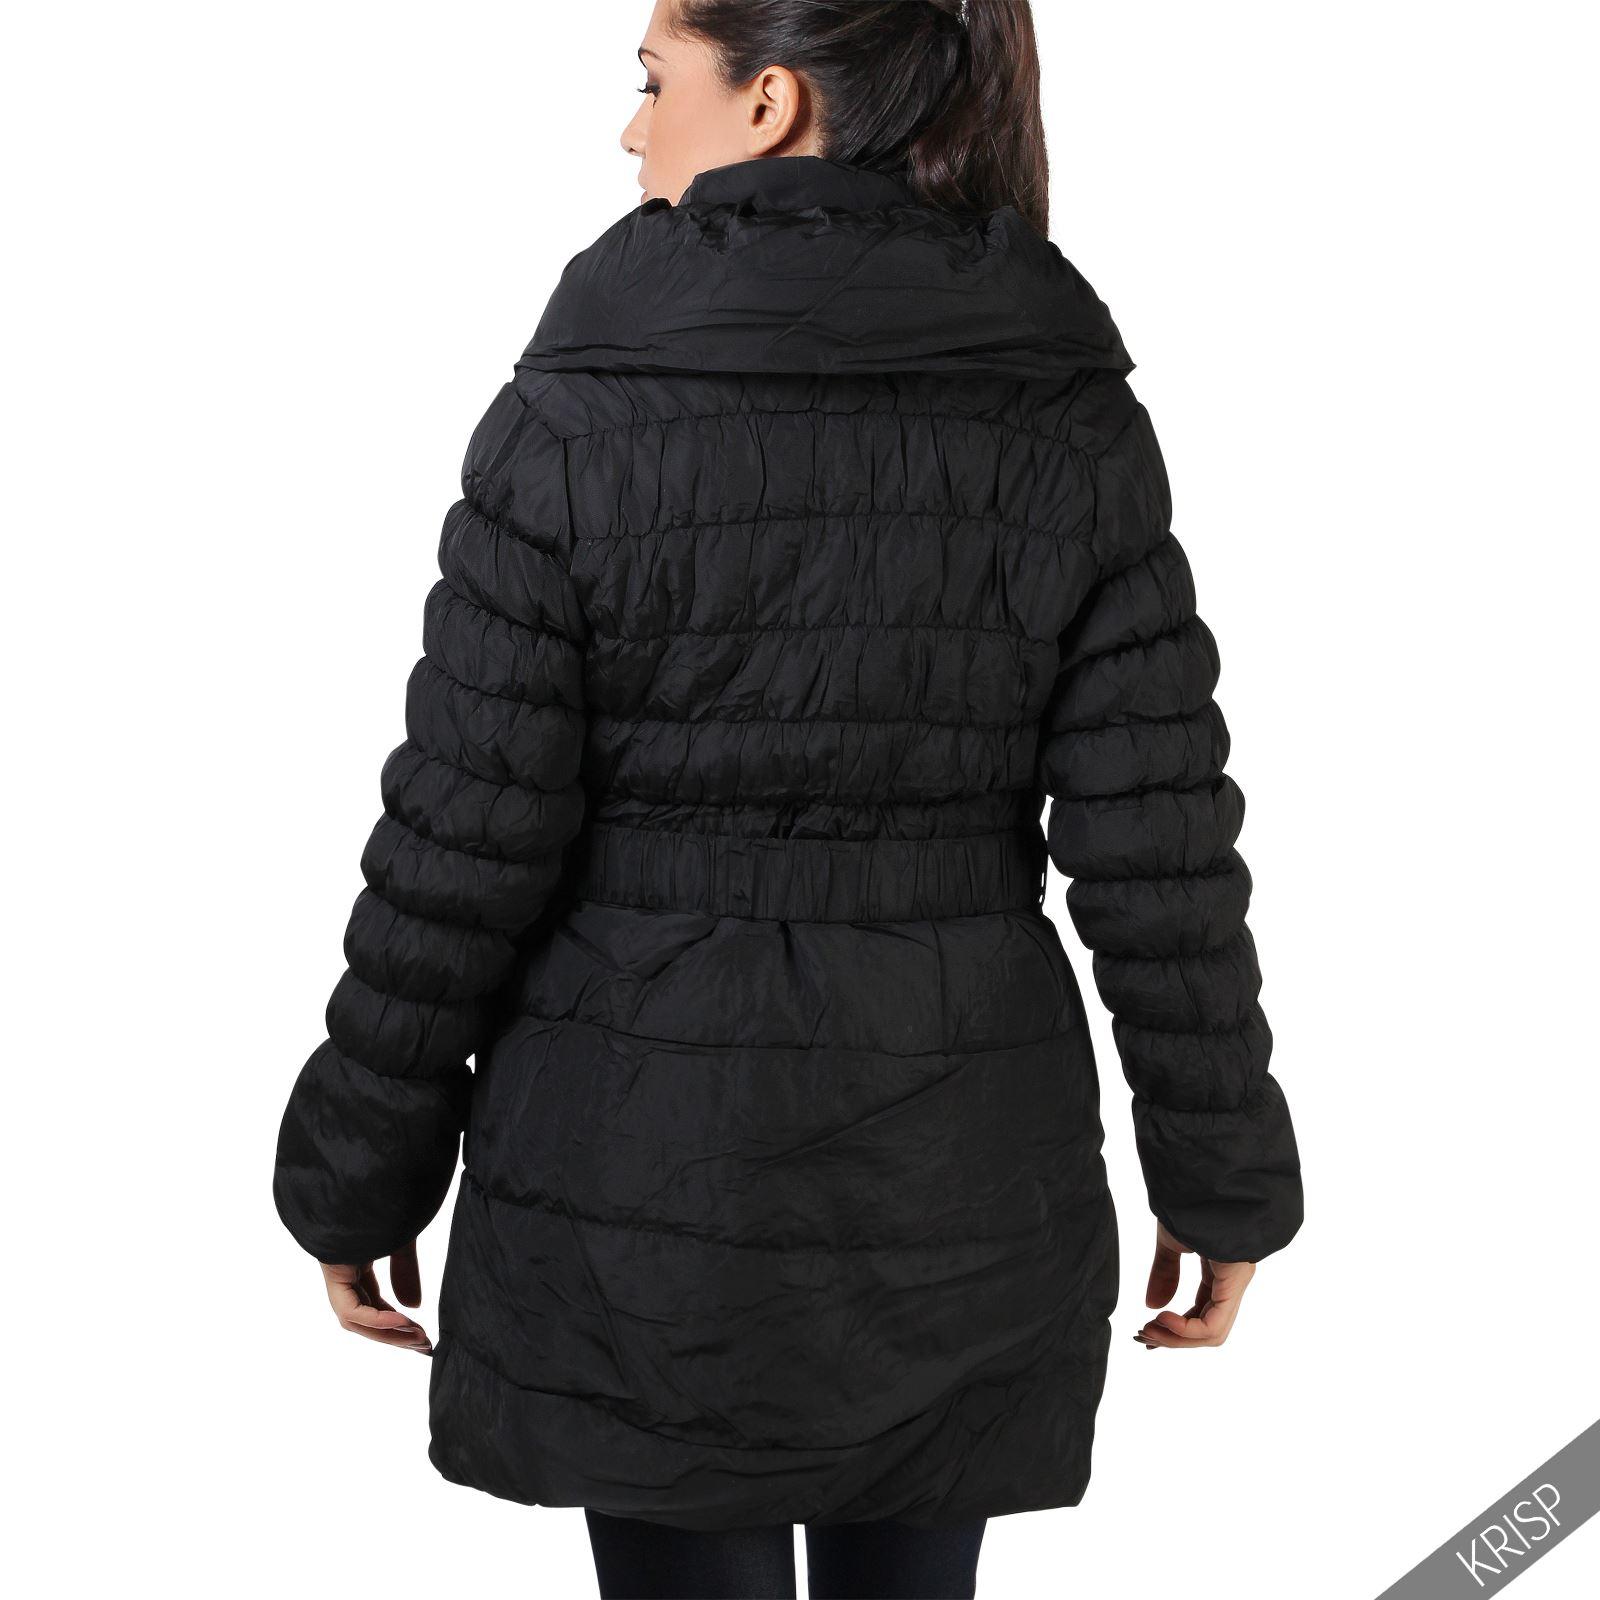 damen warme gesteppte winterjacke parka jacke xxl bergr en plus size mantel ebay. Black Bedroom Furniture Sets. Home Design Ideas